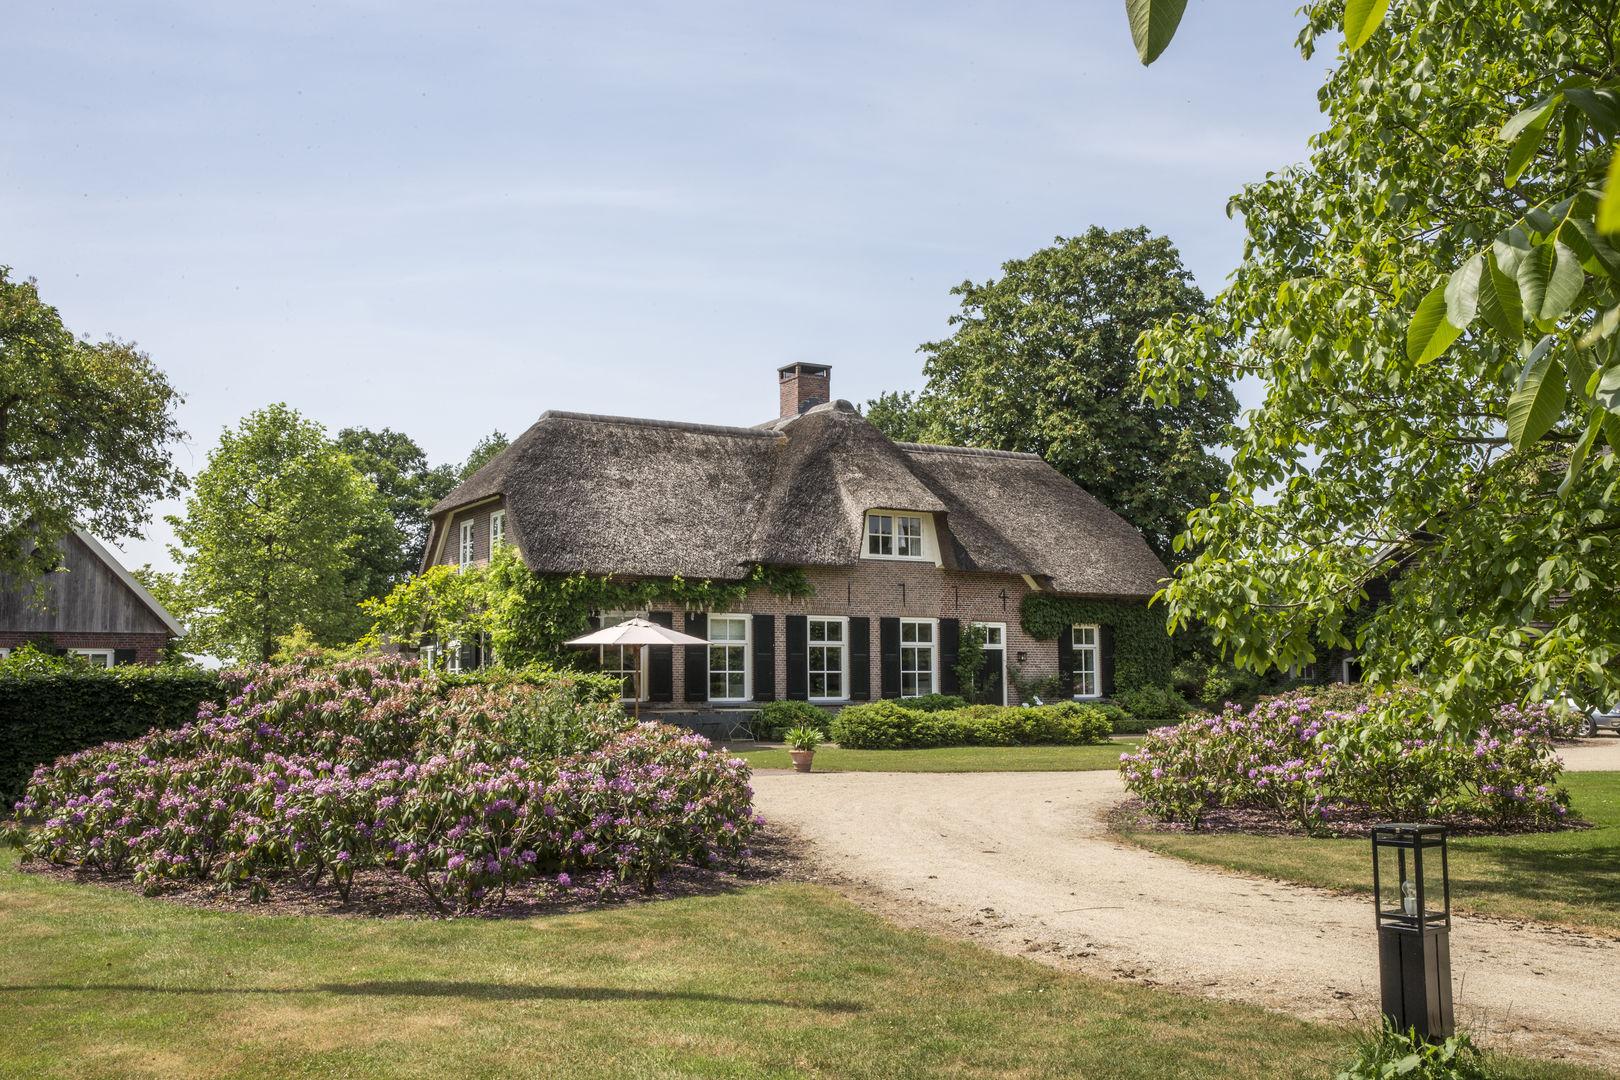 фасад загородного дома с соломенной кровлей дорога кустарники деревья